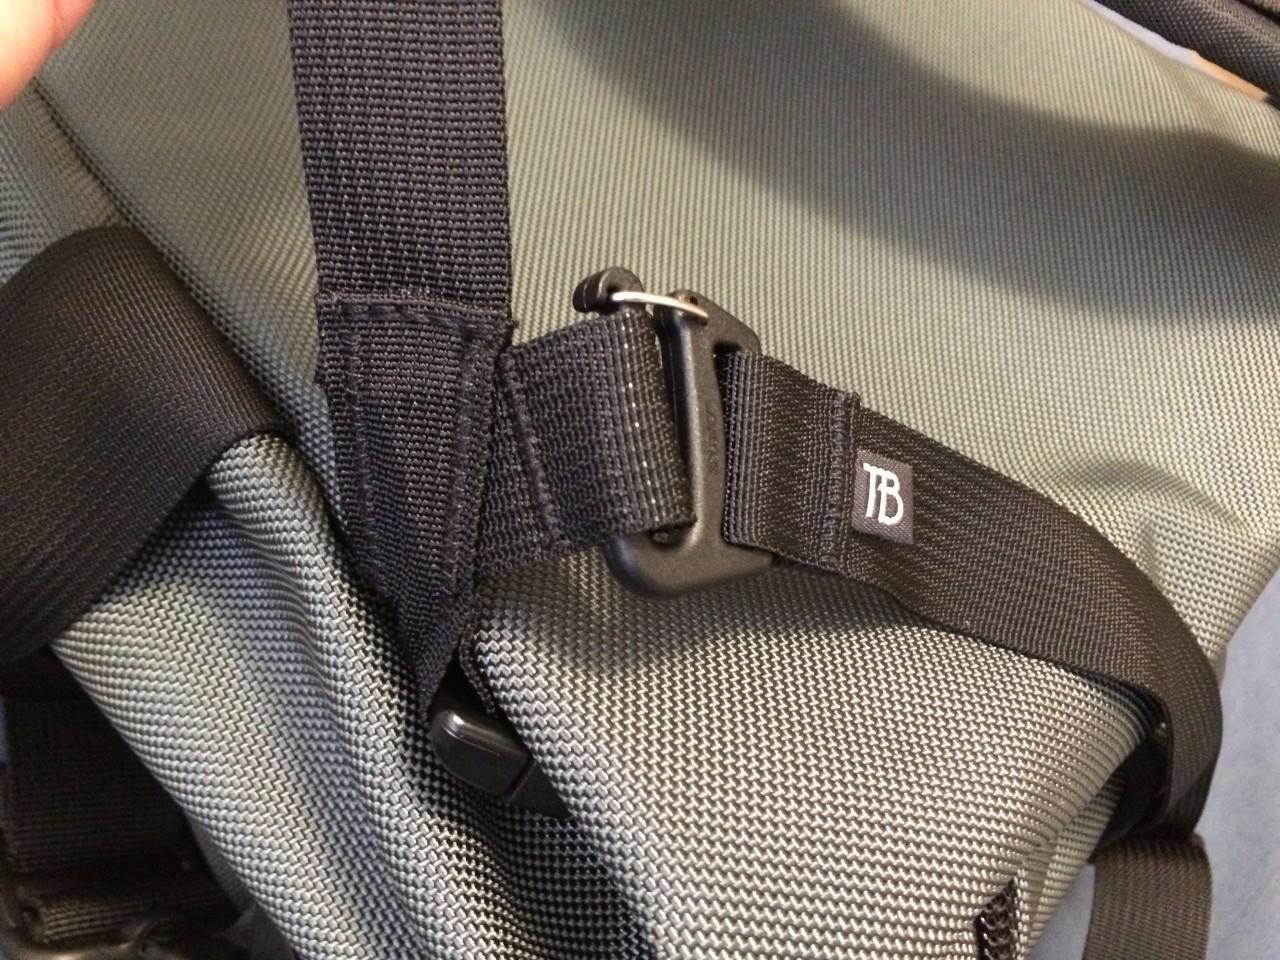 Tom Bihn Aeronaut  30 waist strap attachment